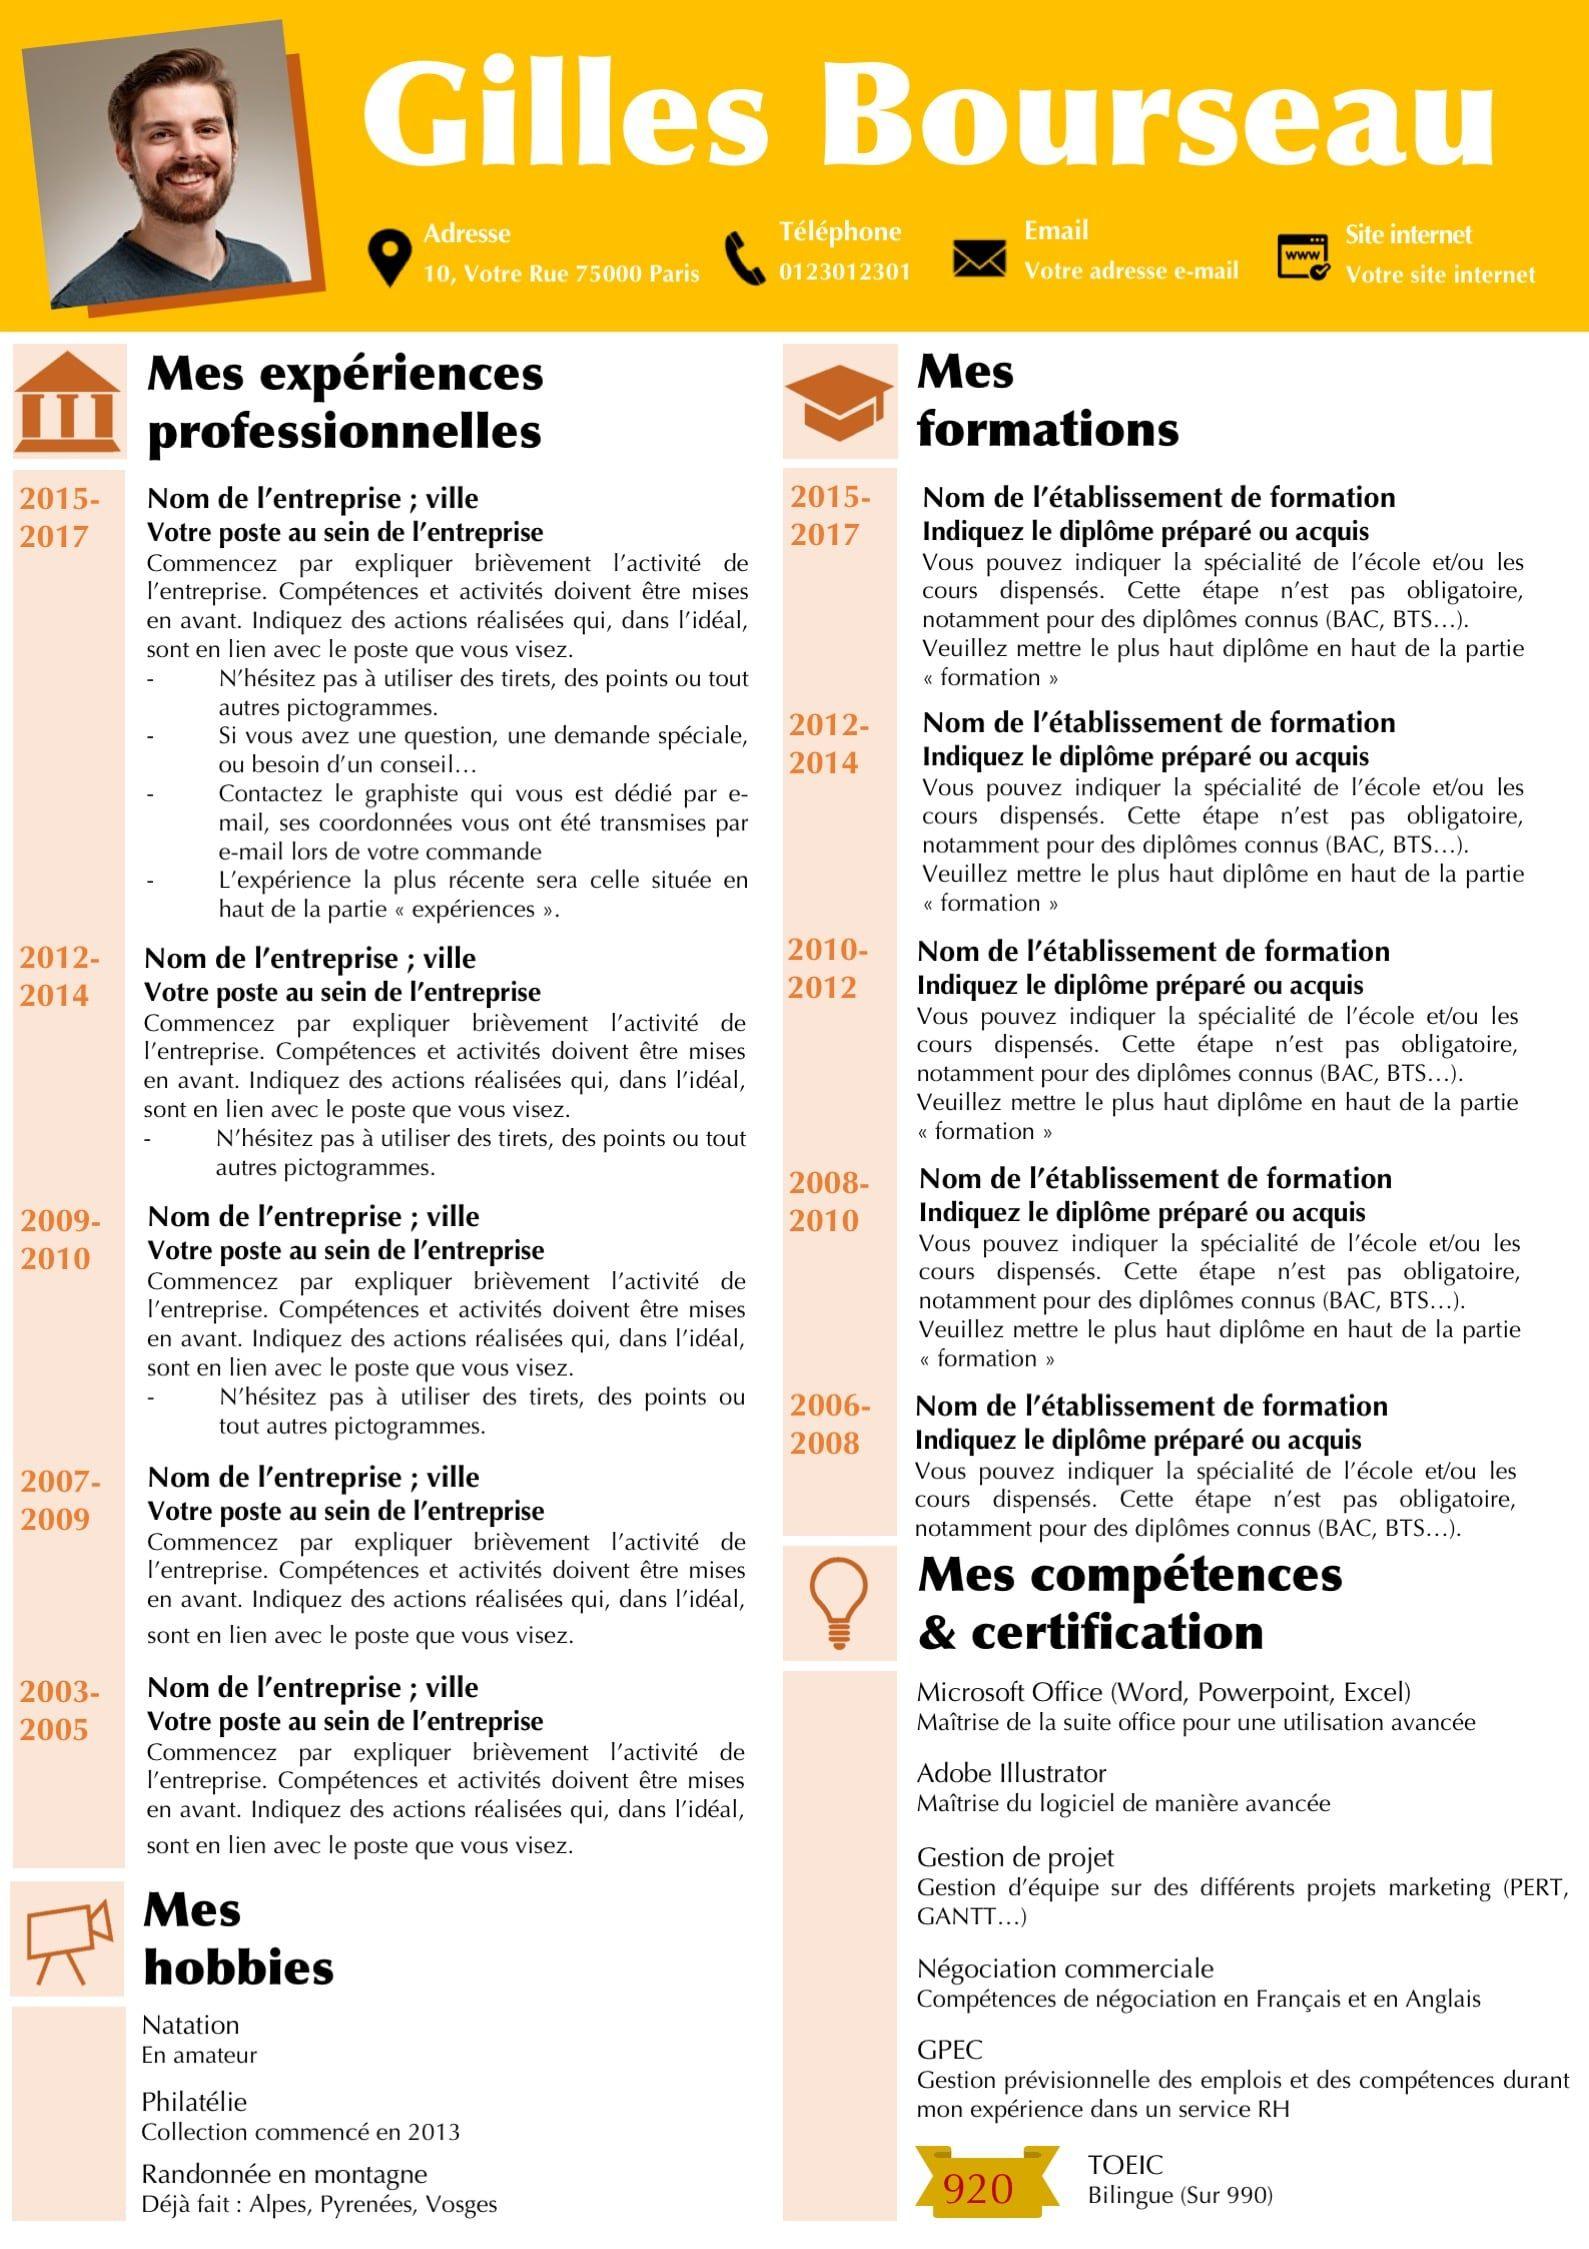 Modeles Cv Et Lettre De Motivation Orange Modifiable Pour 6 99 Modele De Cv Design Lettre De Motivation Modele Cv